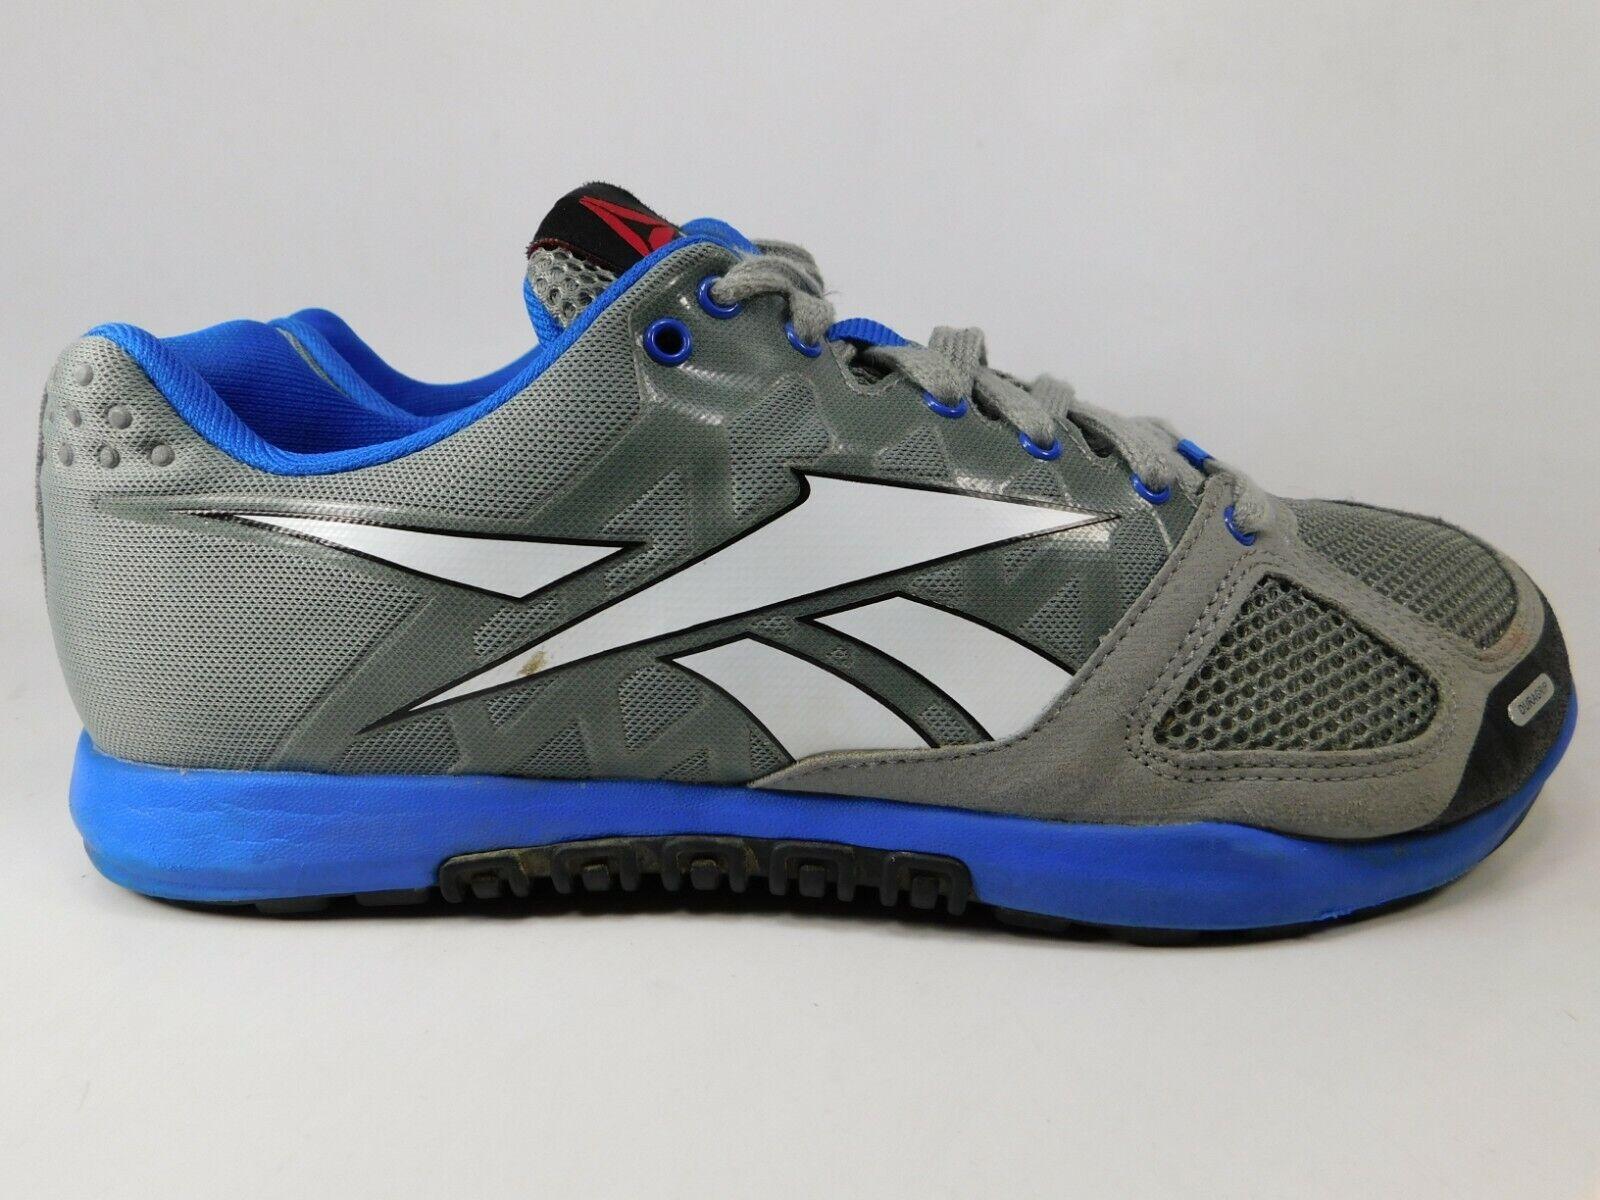 Reebok Crossfit Nano 2.0 Dimensione USA 9  M (D) EU 42 Men's Training scarpe grigio J94324  negozio fa acquisti e vendite